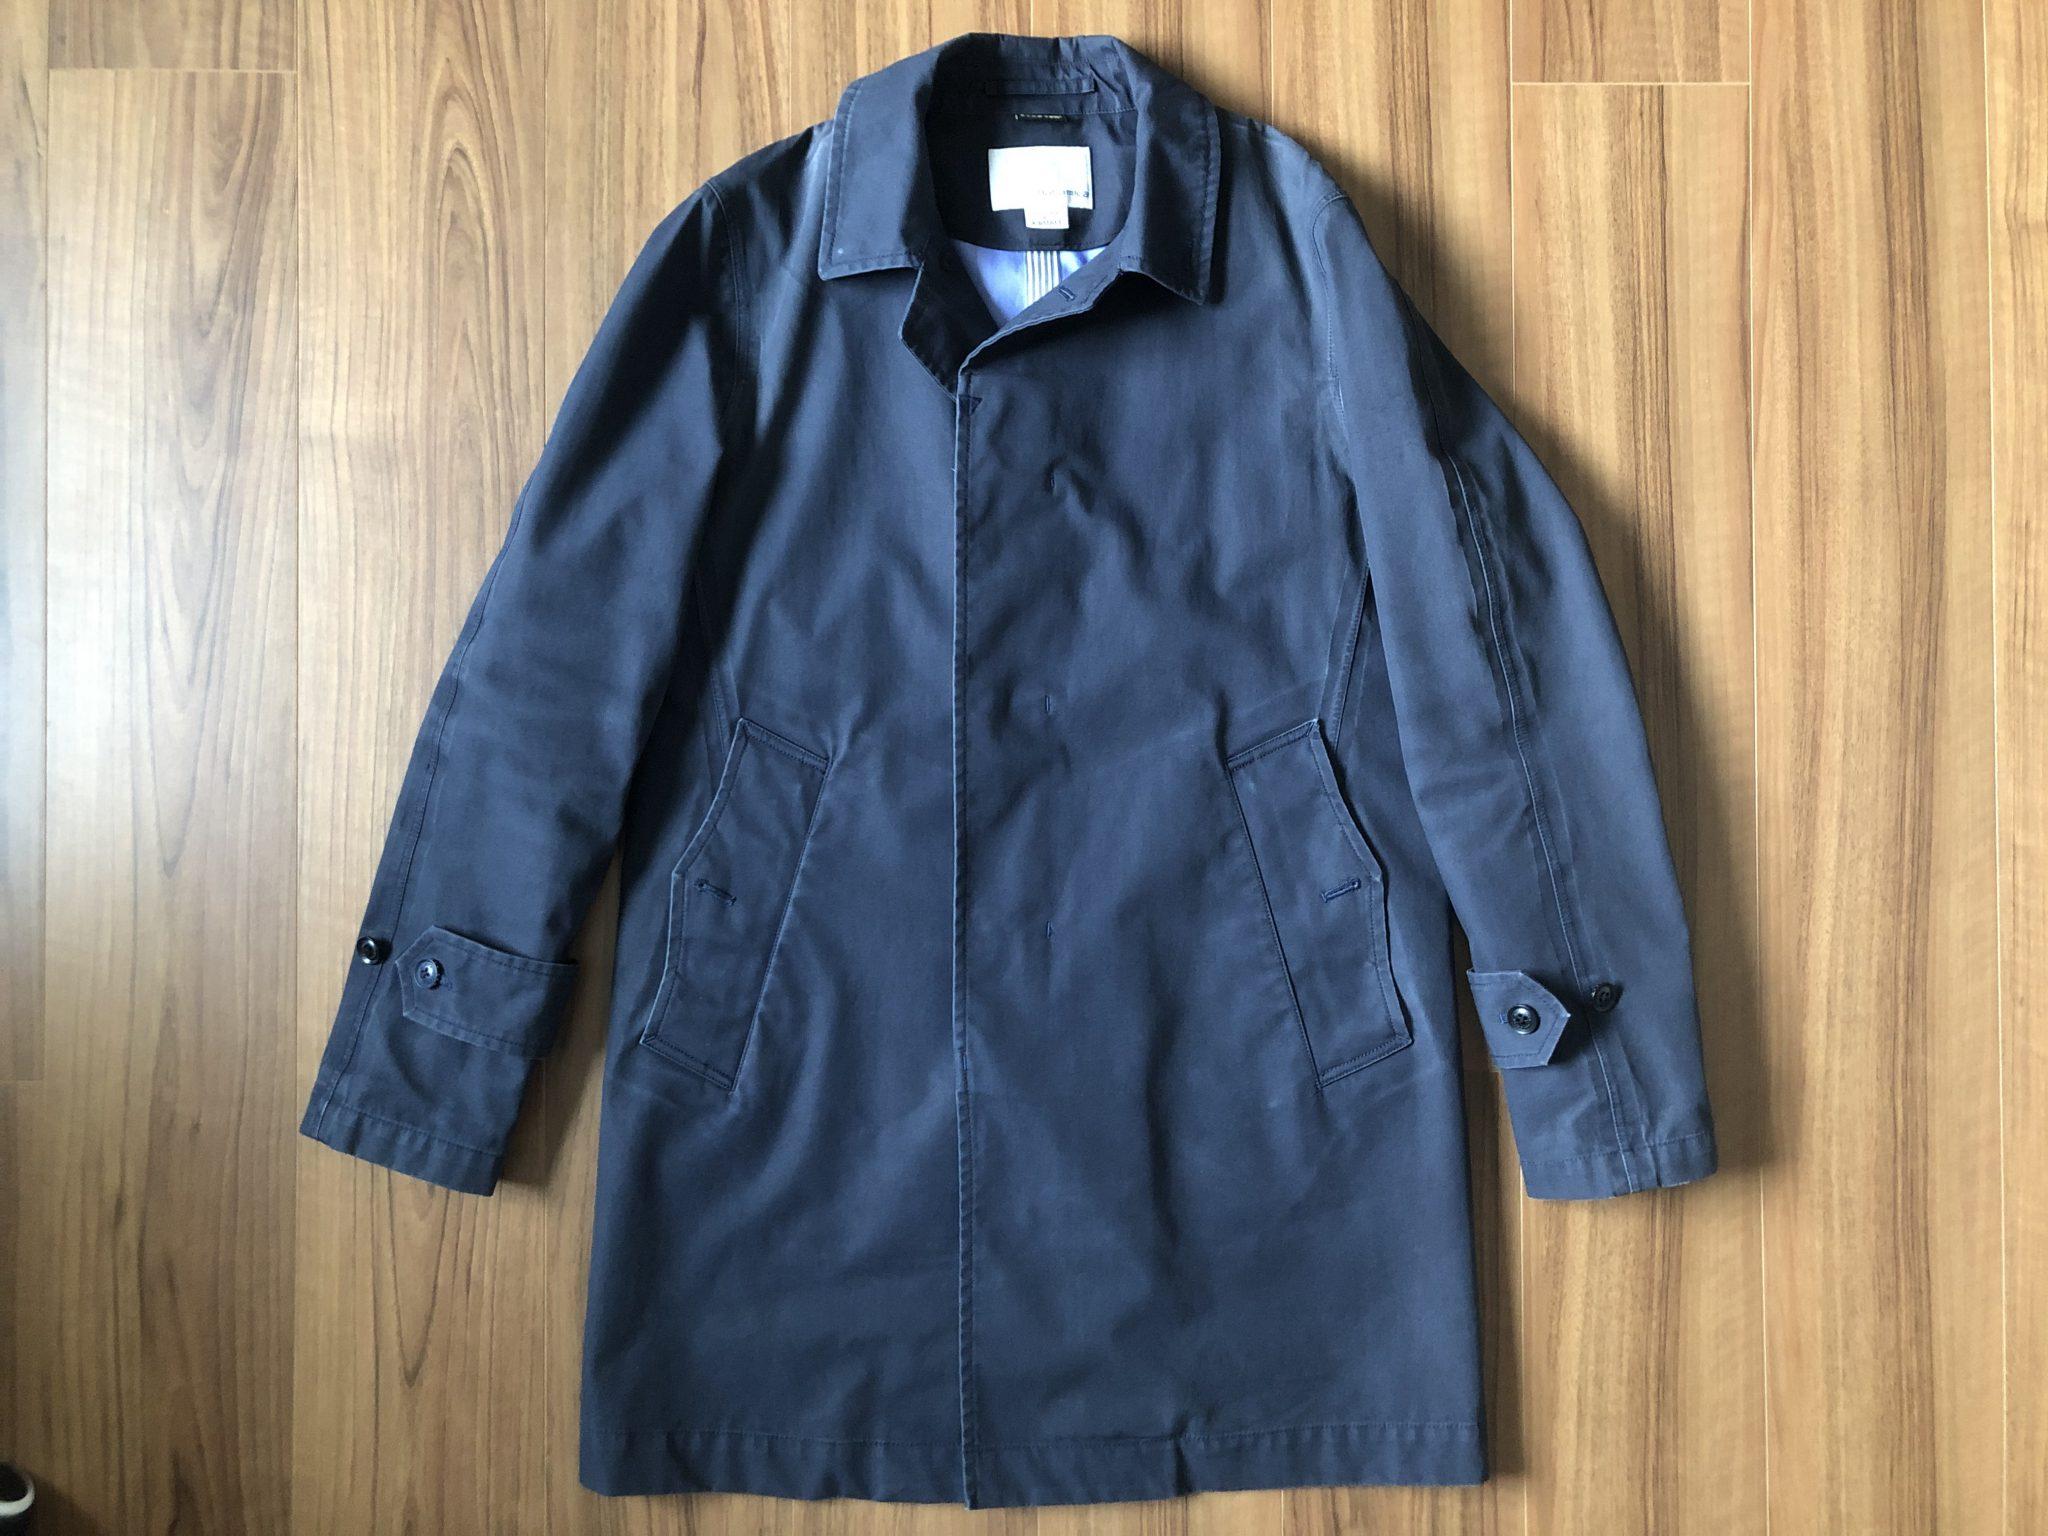 ナナミカ ゴアテックス ステンカラーコート(nanamica GORE-TEX Soutien Collar Coat)|3年目の季節を迎えるコートのエイジング(経年変化)の様子です